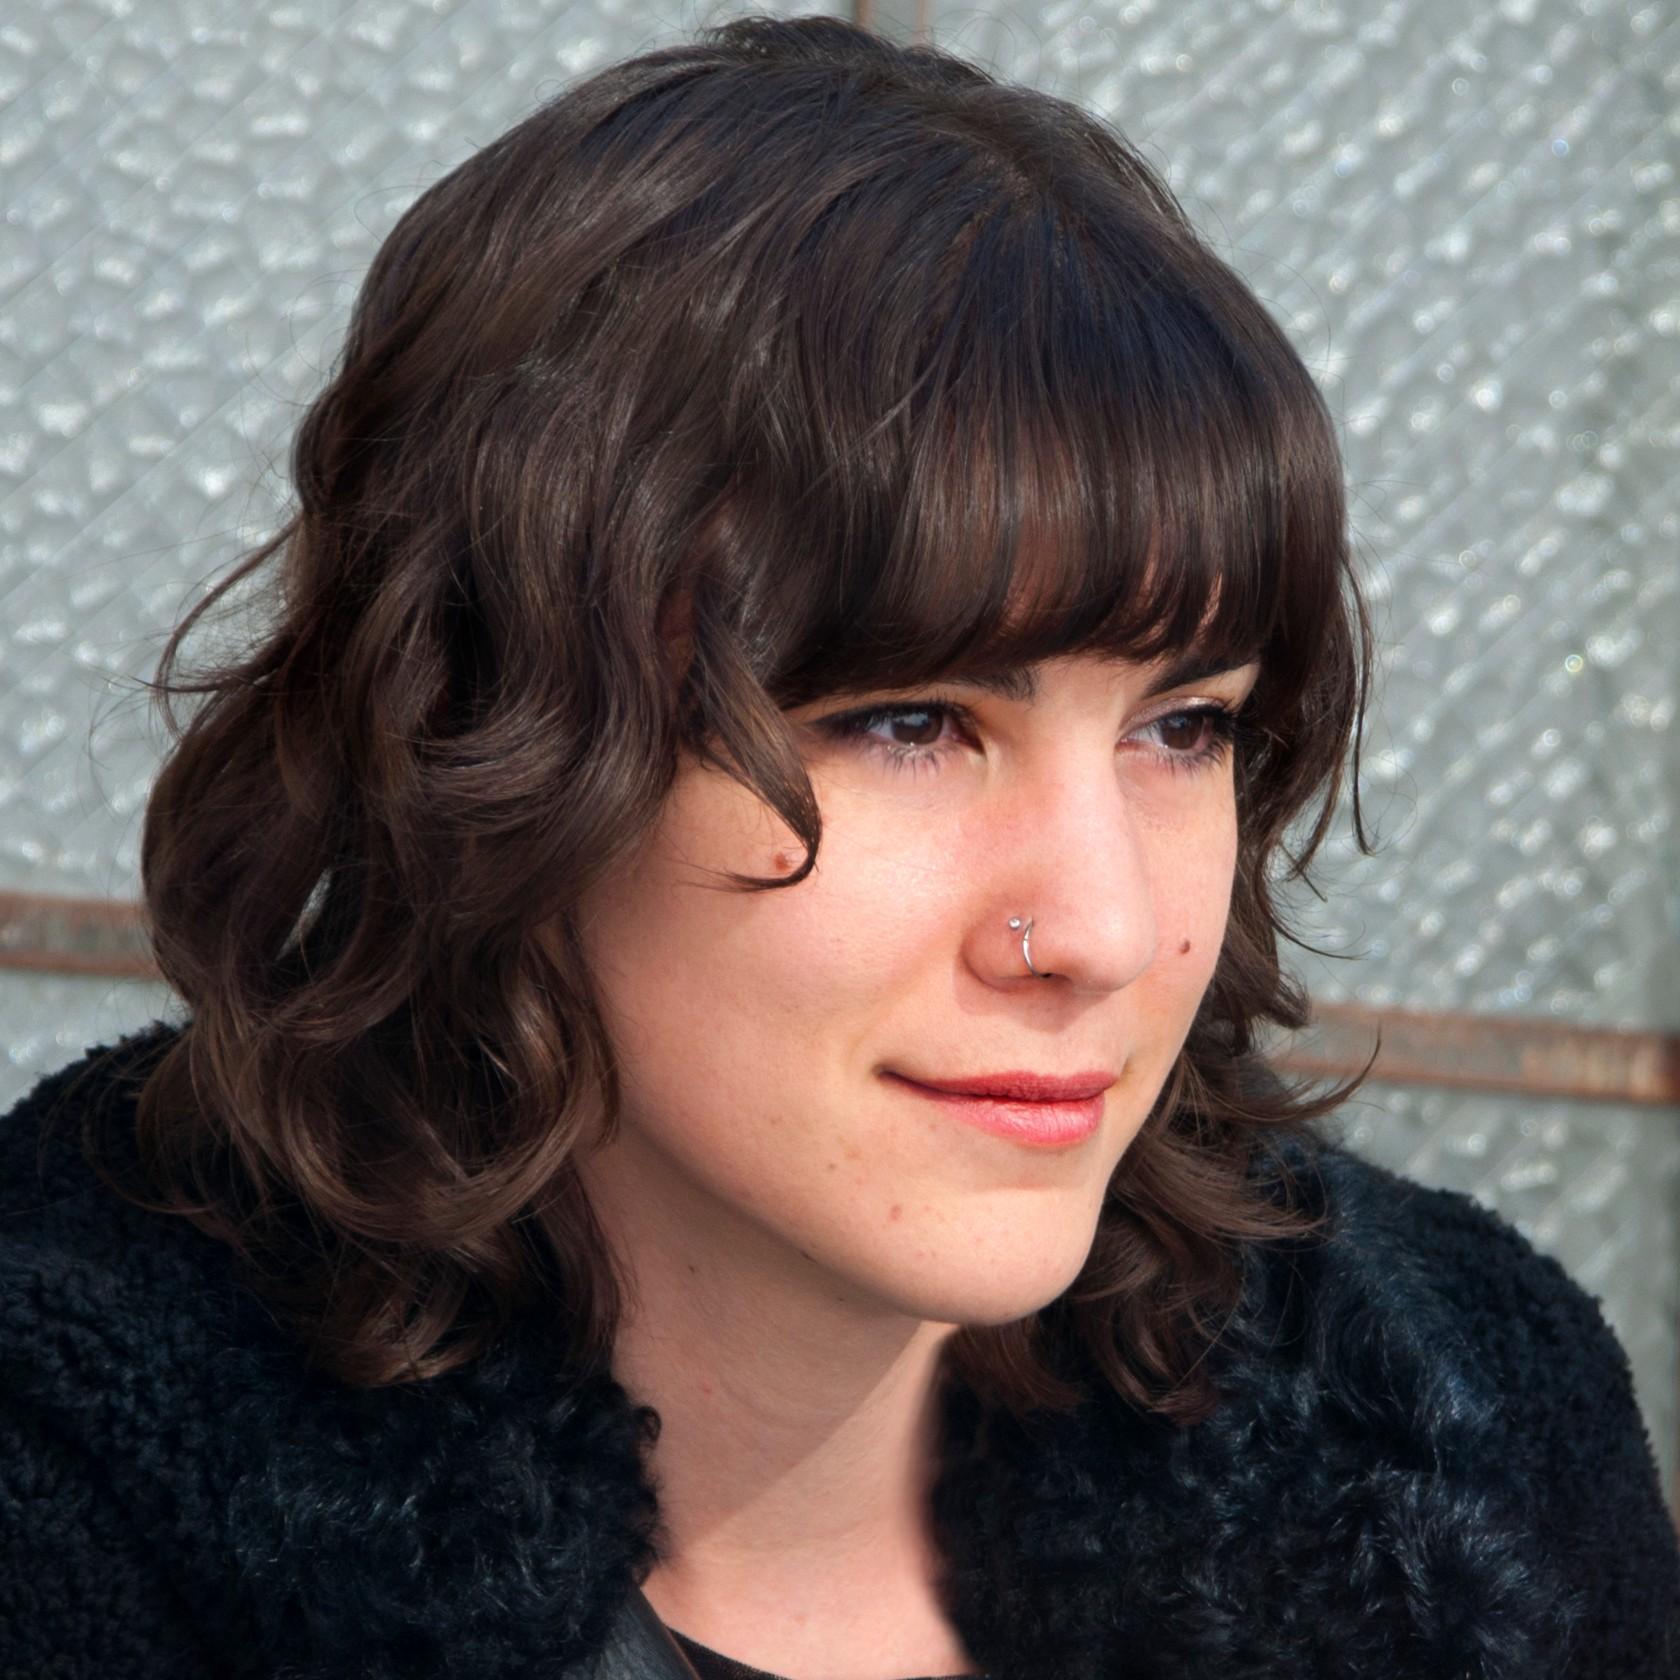 Laura Yilmaz profile picture photograph